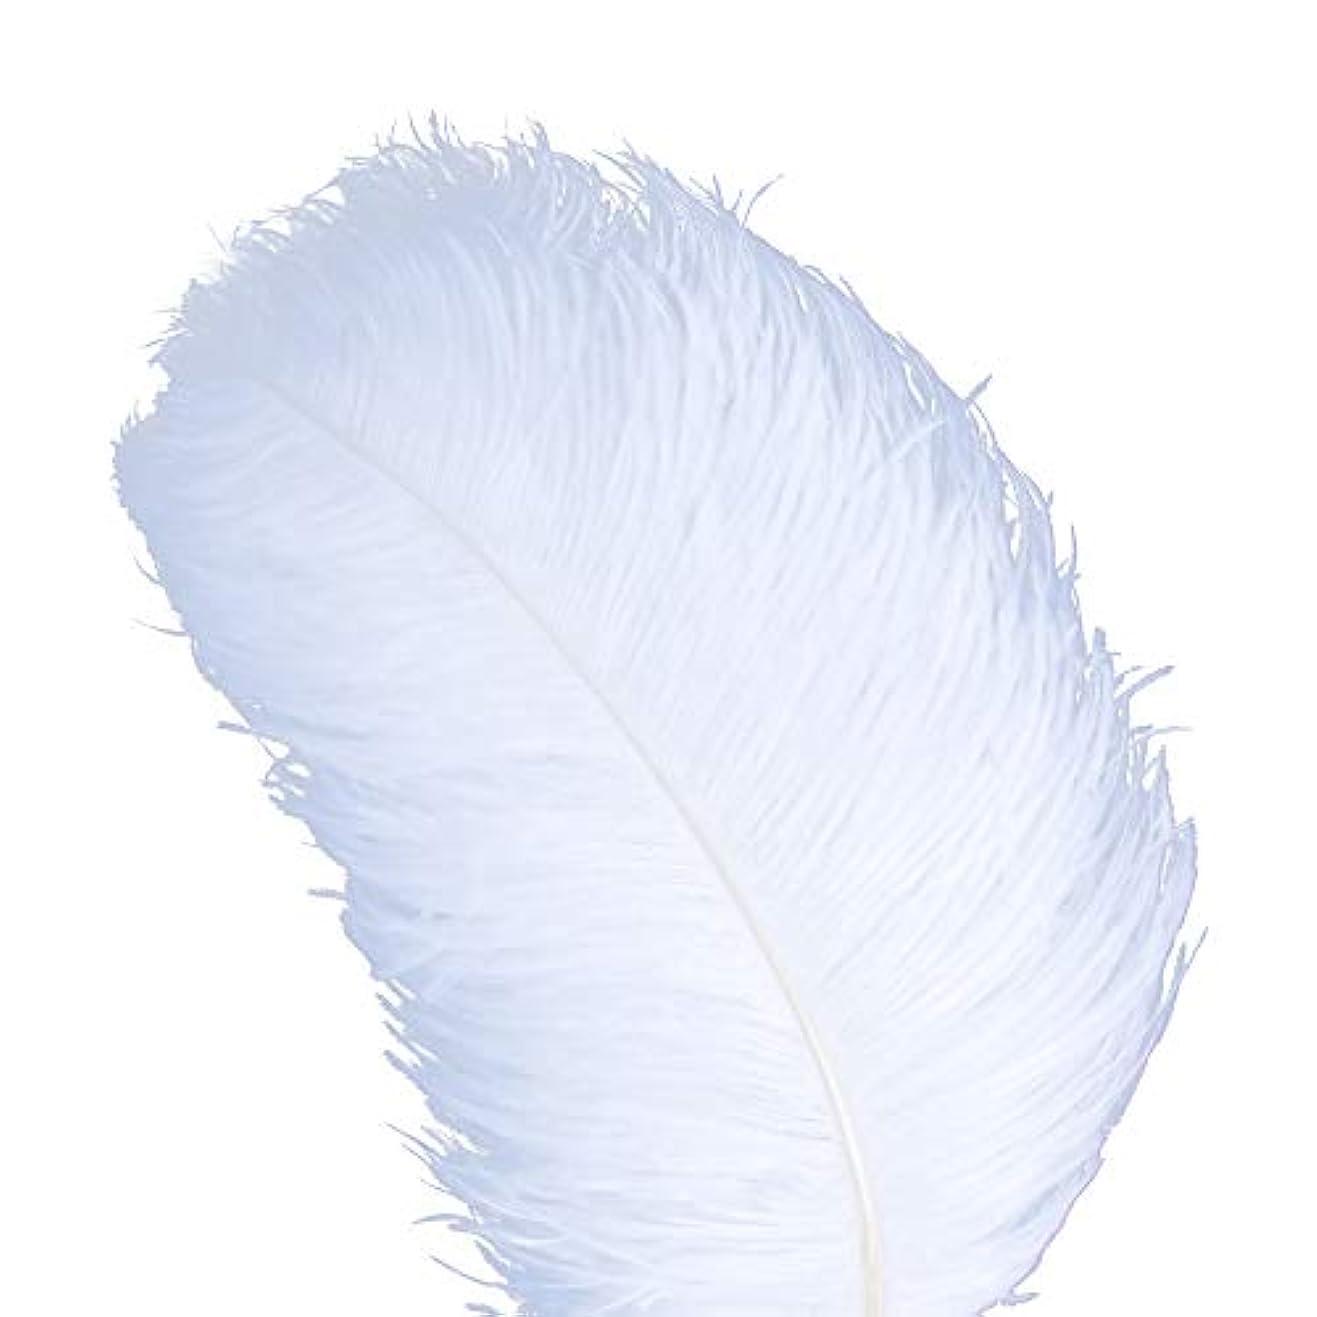 臨検印象的な開業医AWAYTR 天然 18-20 インチ (45-50cm) オーストリッチ 羽 プラム 結婚式 センターピース ホームデコレーション 50pcs ホワイト 743070207763